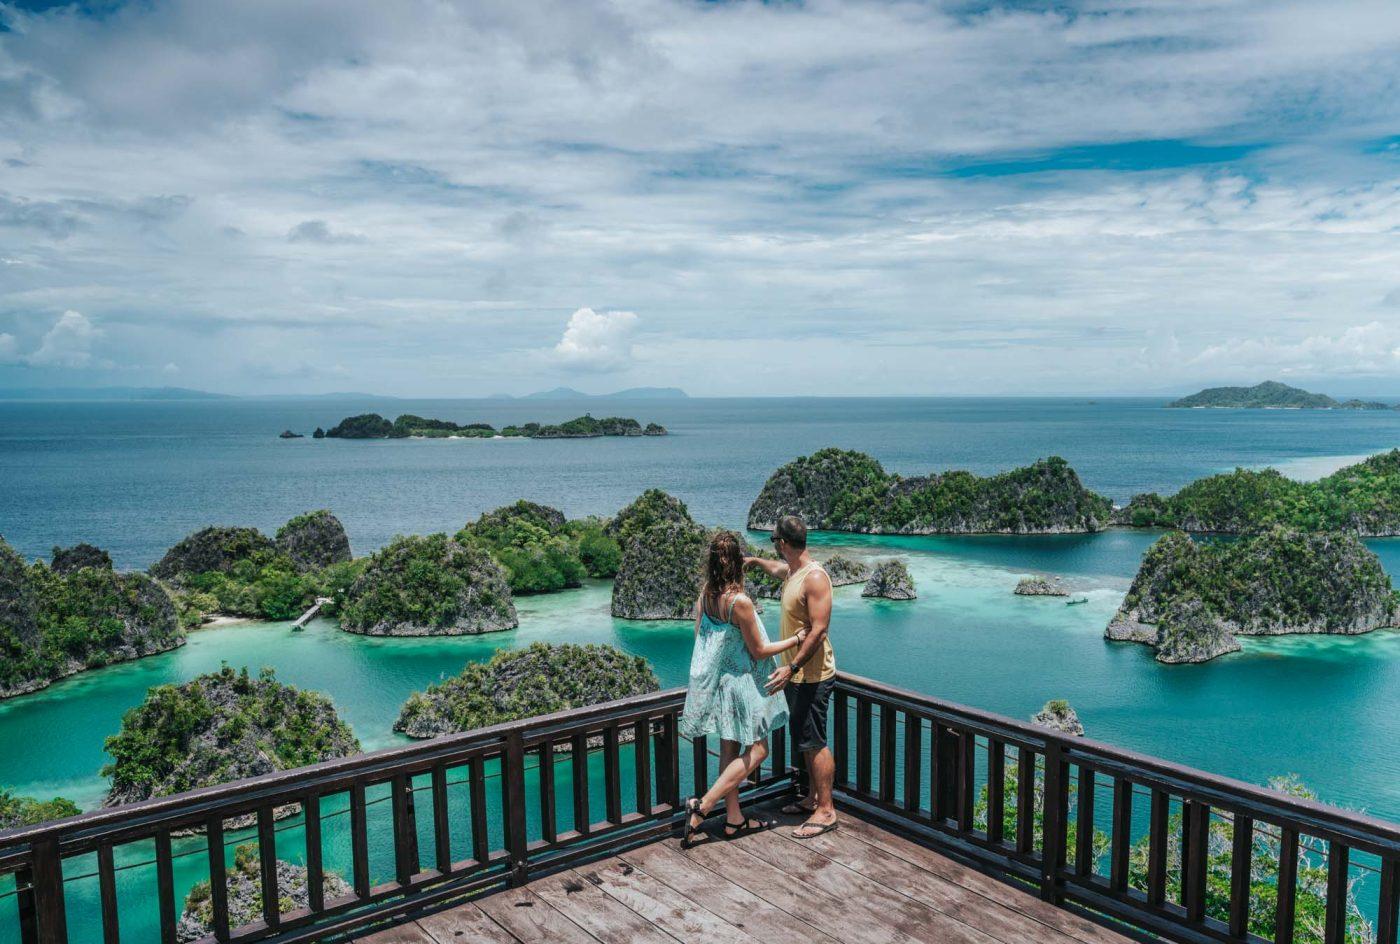 Overlooking Fam Islands in Raja Ampat, Indonesia